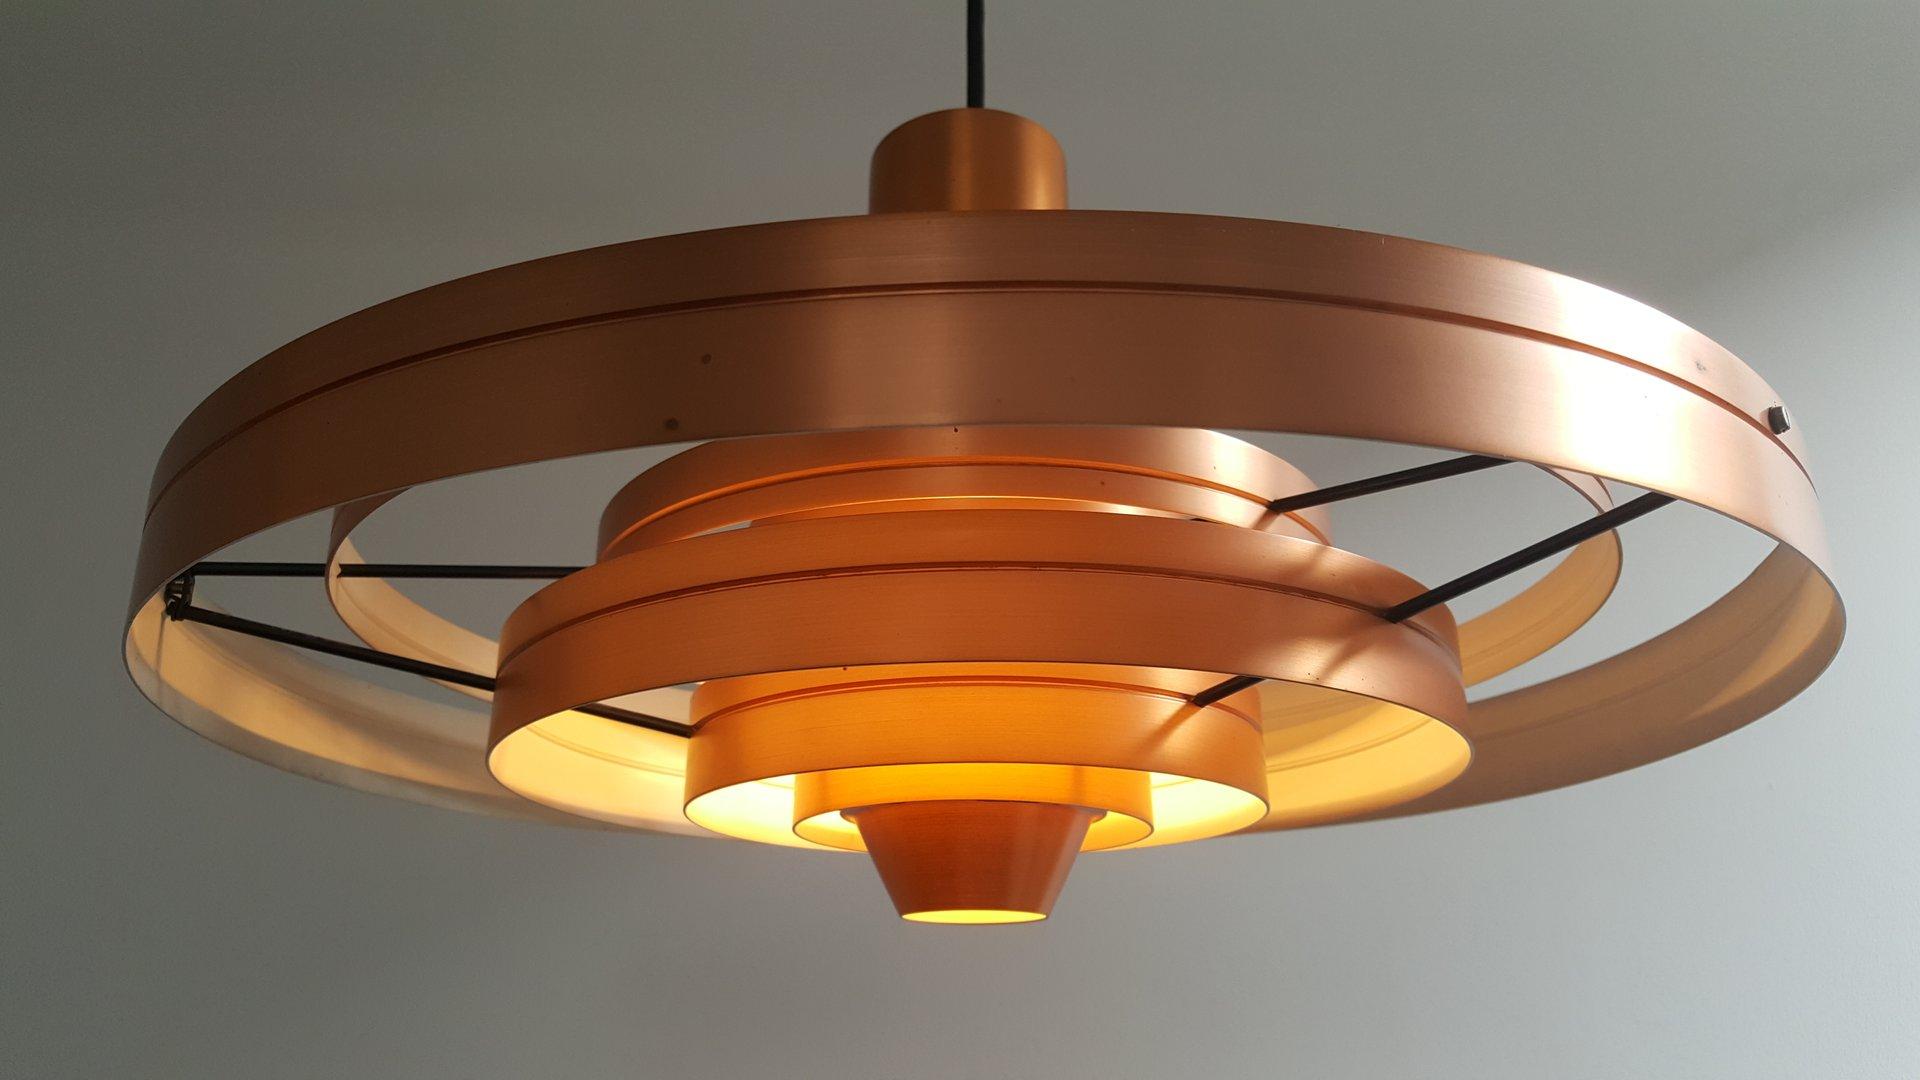 kupfer fibonacci pendelleuchte von sophus frandsen f r fog. Black Bedroom Furniture Sets. Home Design Ideas